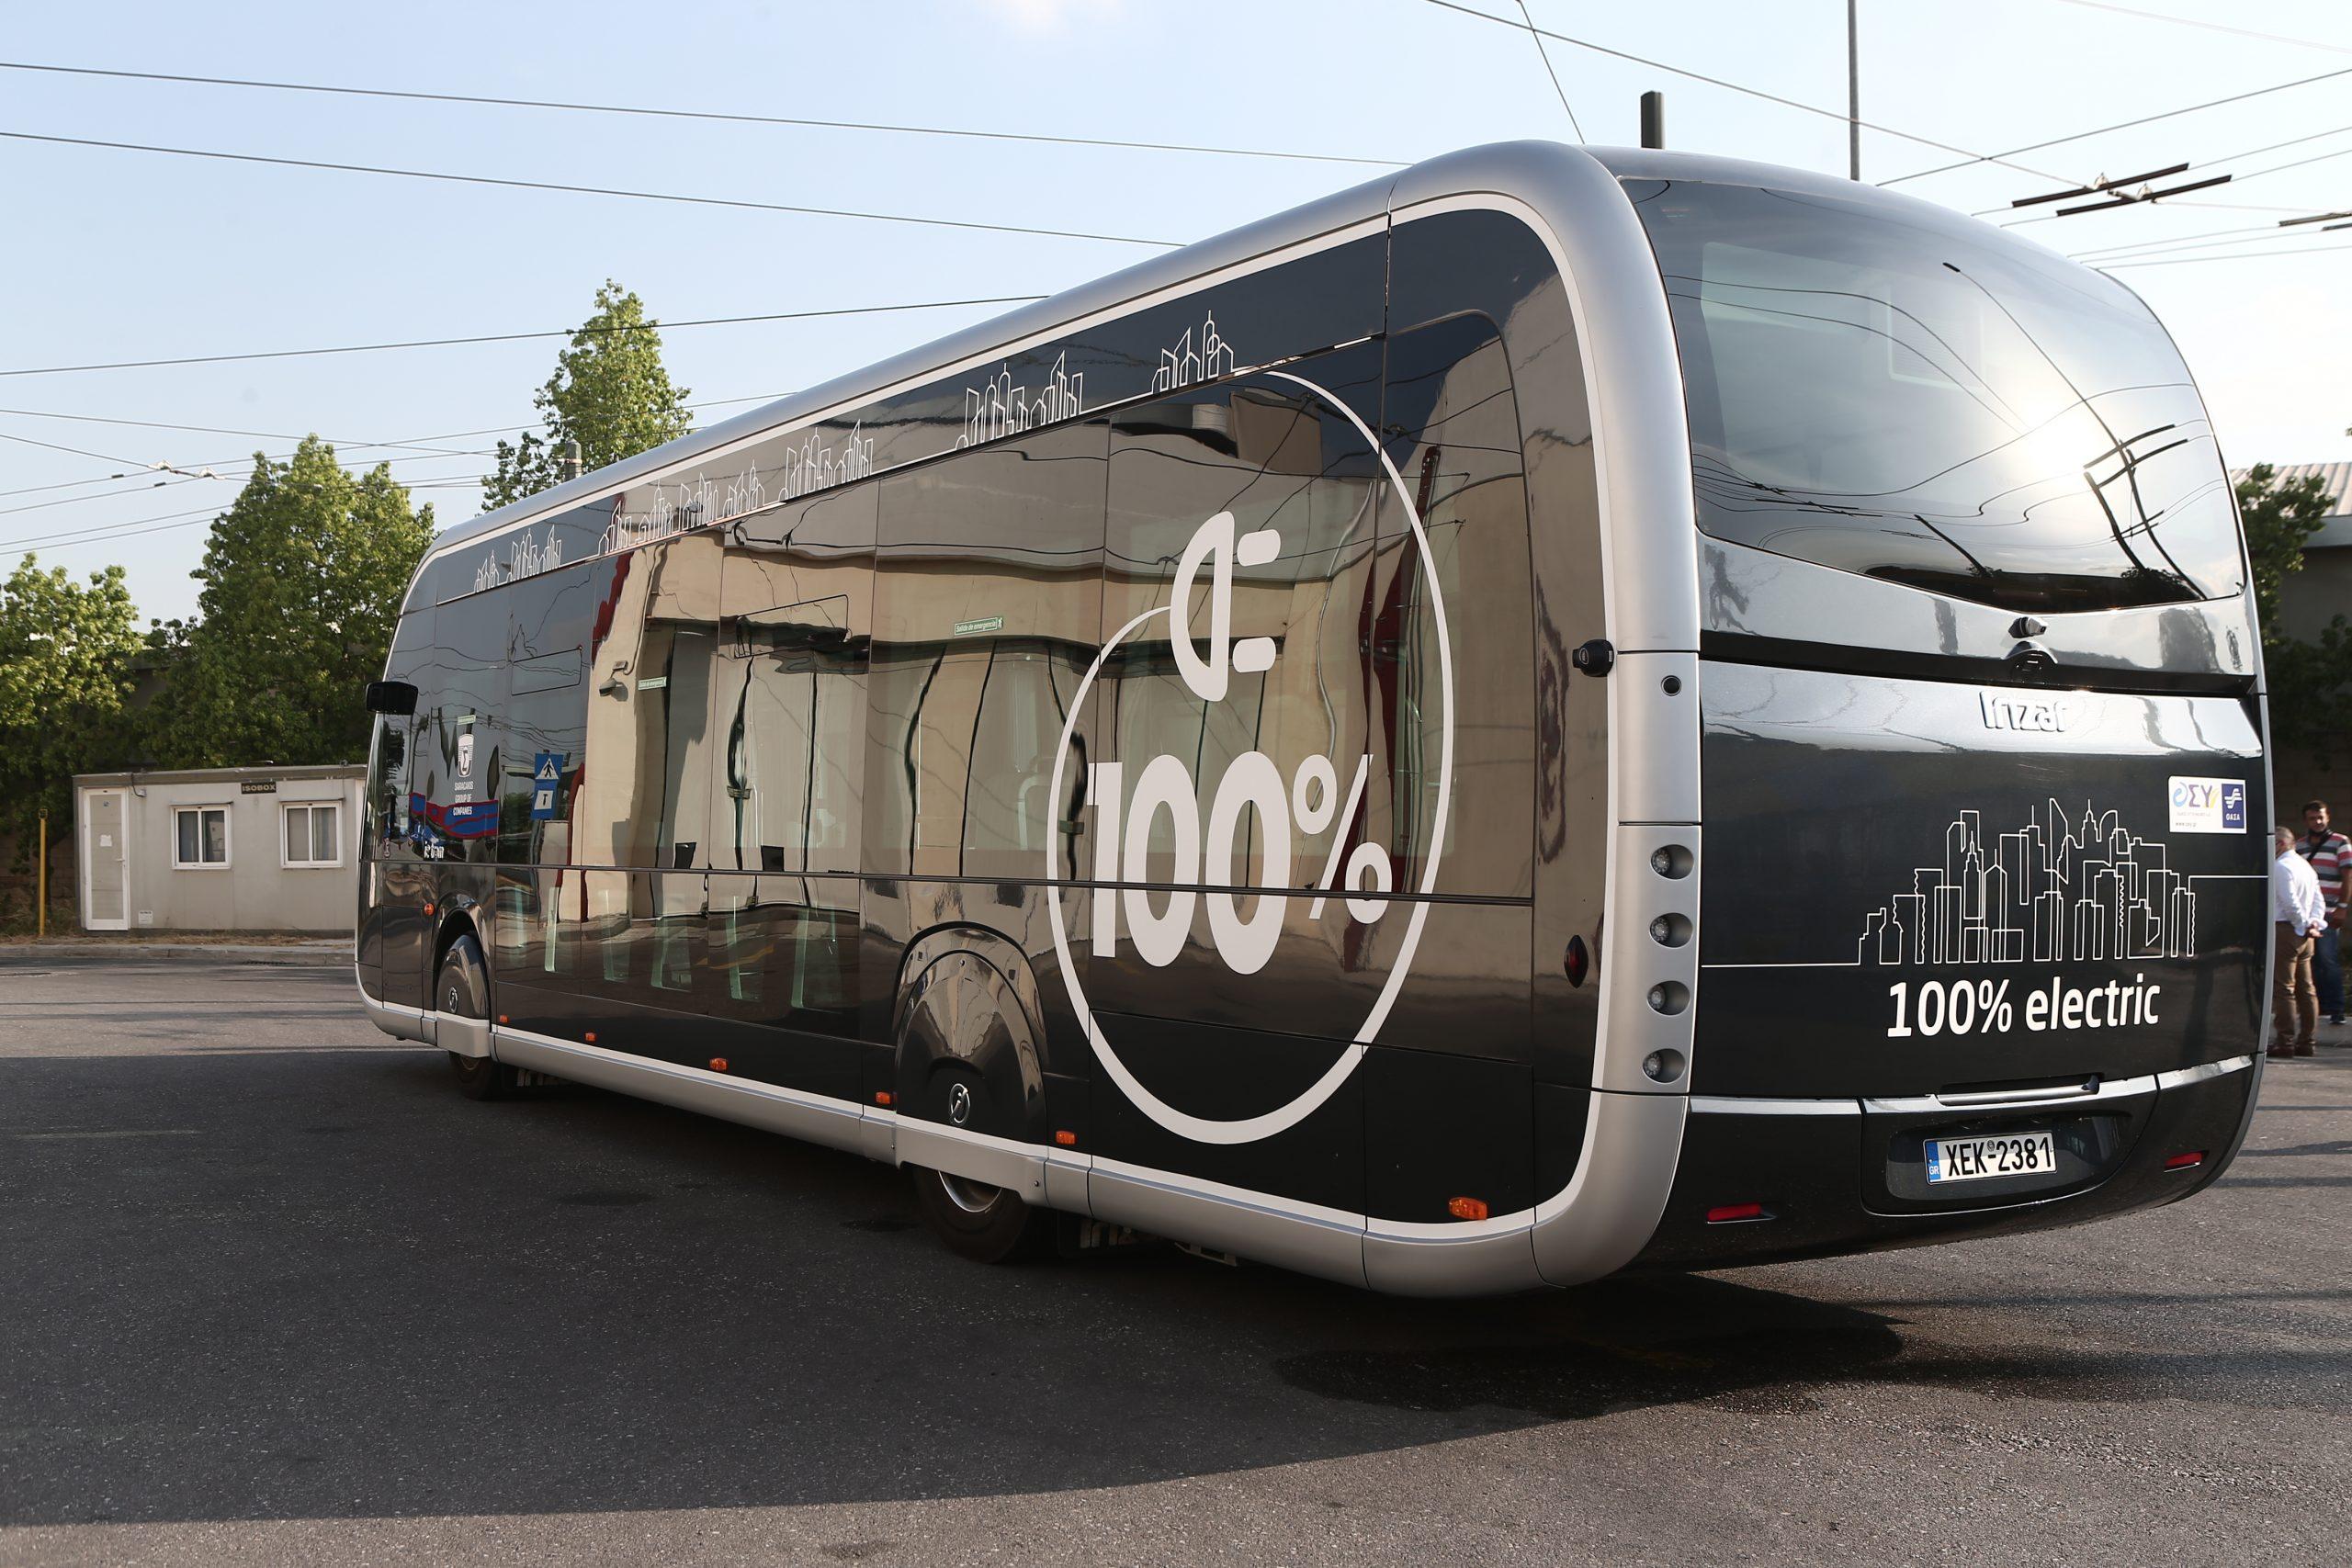 Ηλεκτρικό λεωφορείο στη γραμμή Παγκράτι- Κυψέλη – Δοκιμαστική διαδρομή παρουσία του υπουργού Μεταφορών